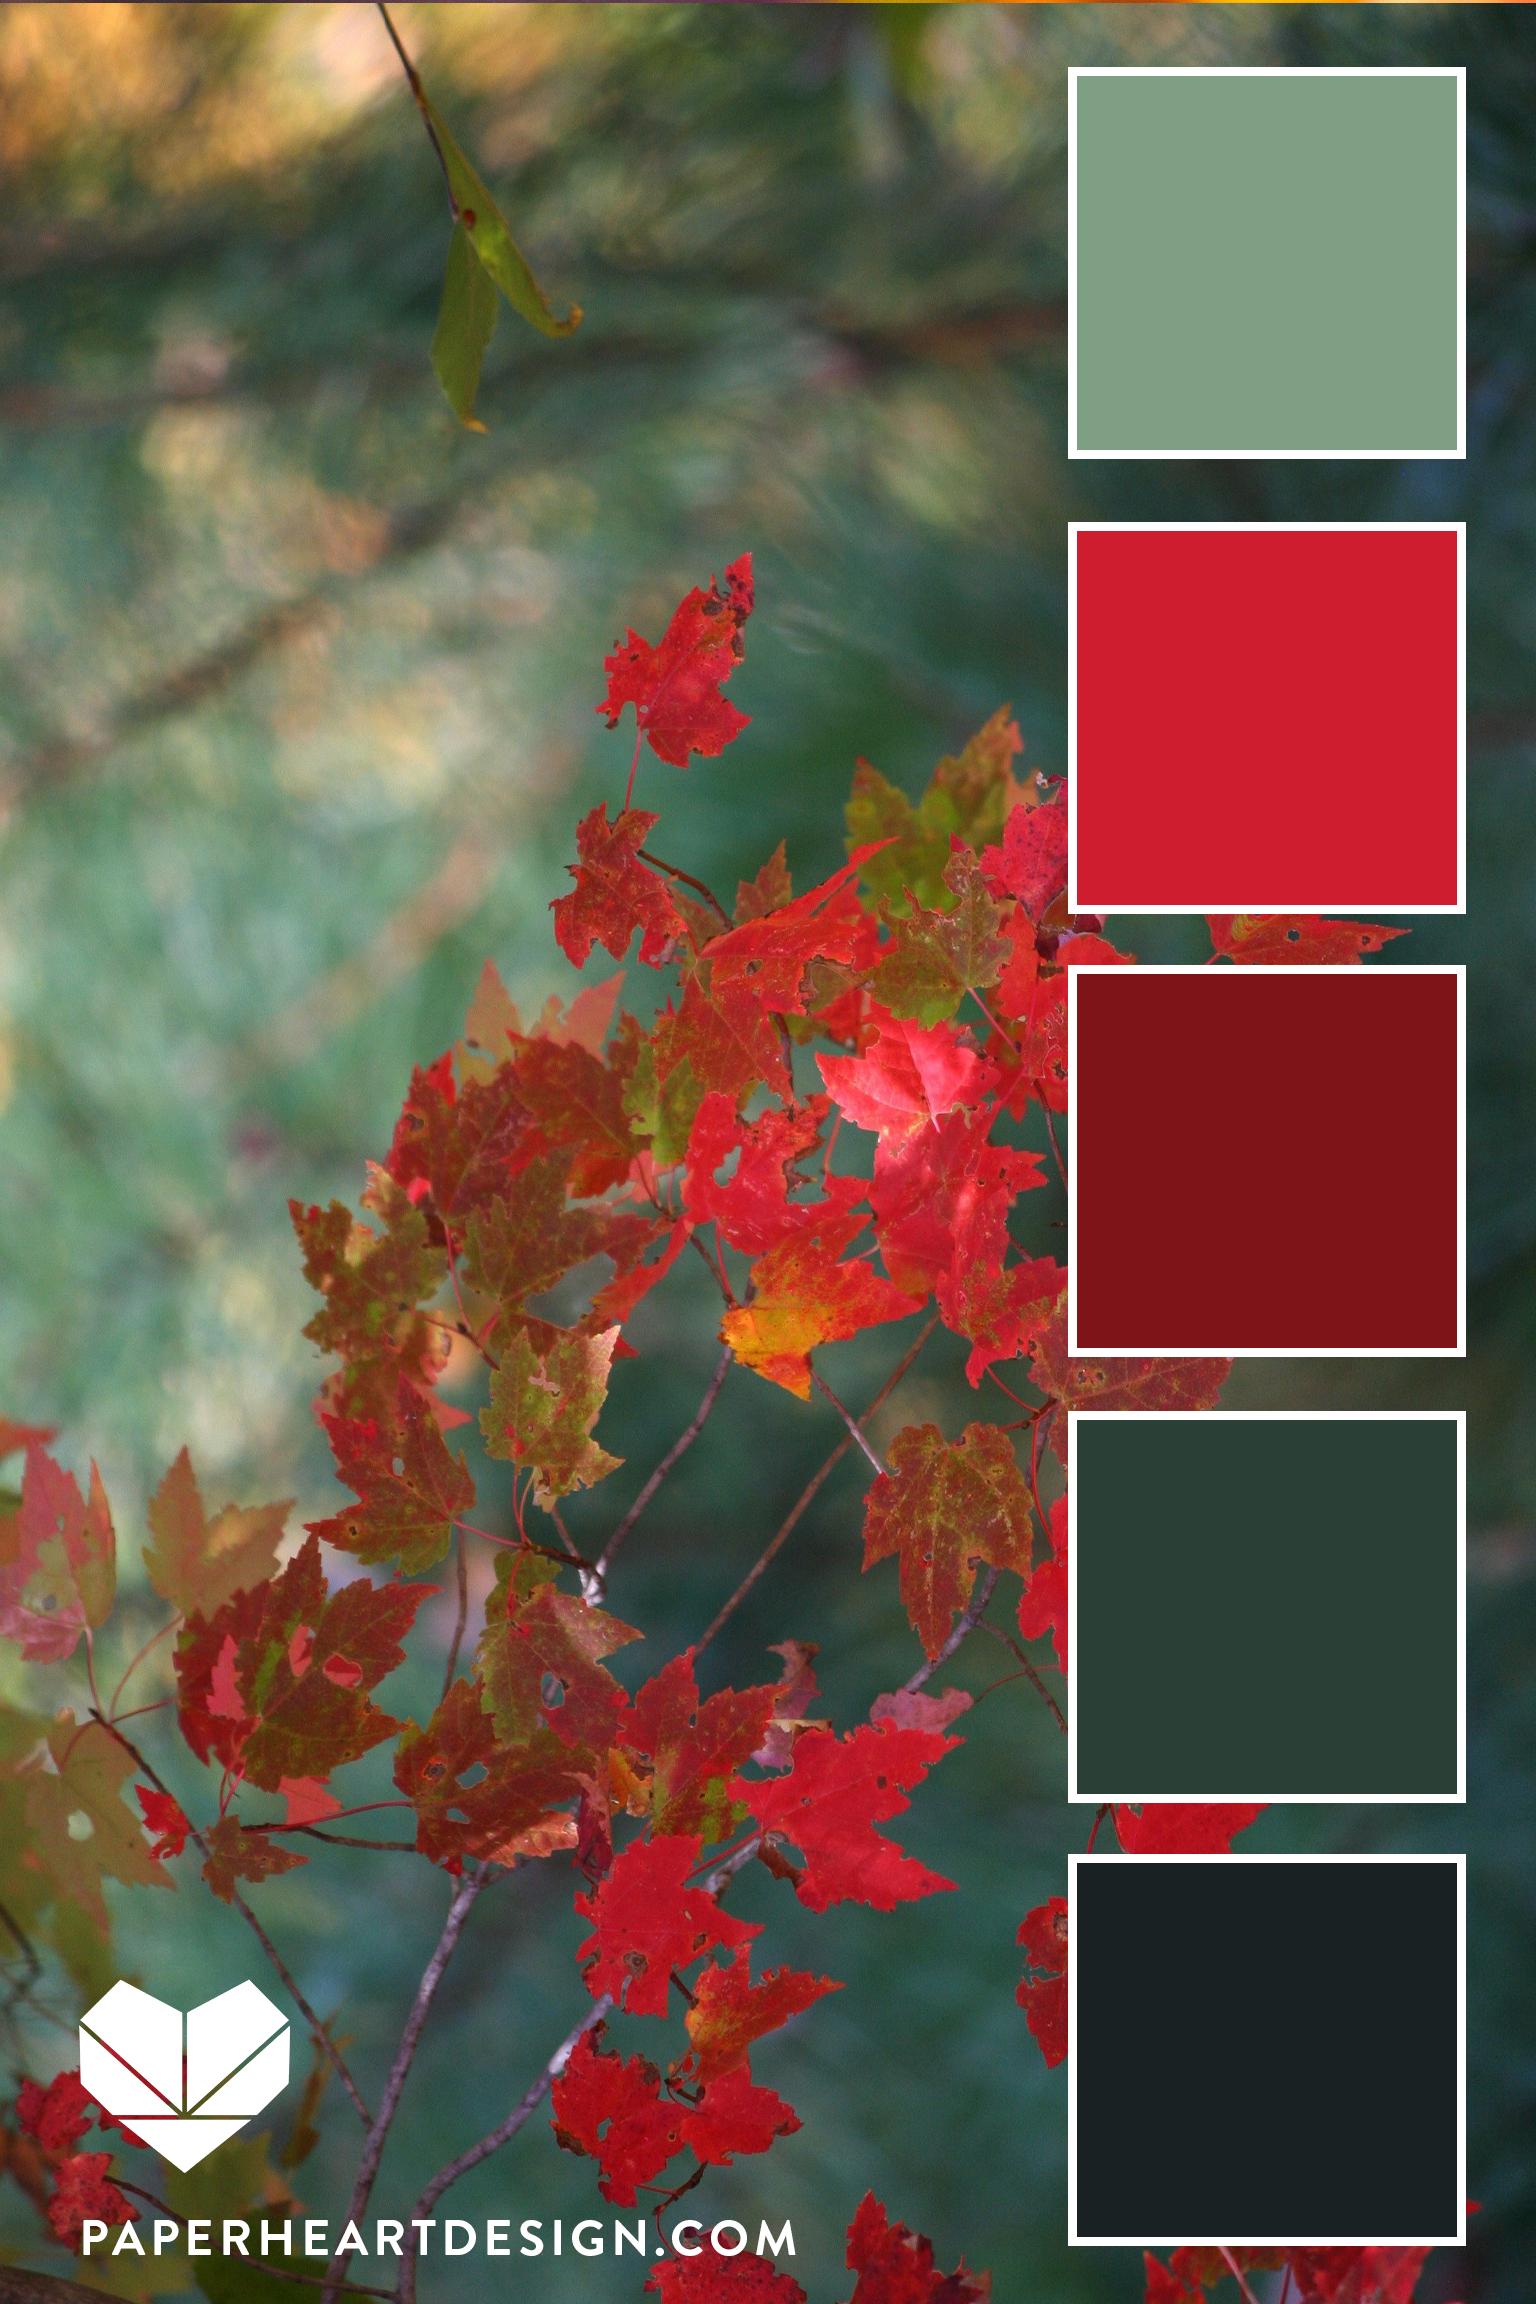 Deep greens + deep reds make for a rich, combination.